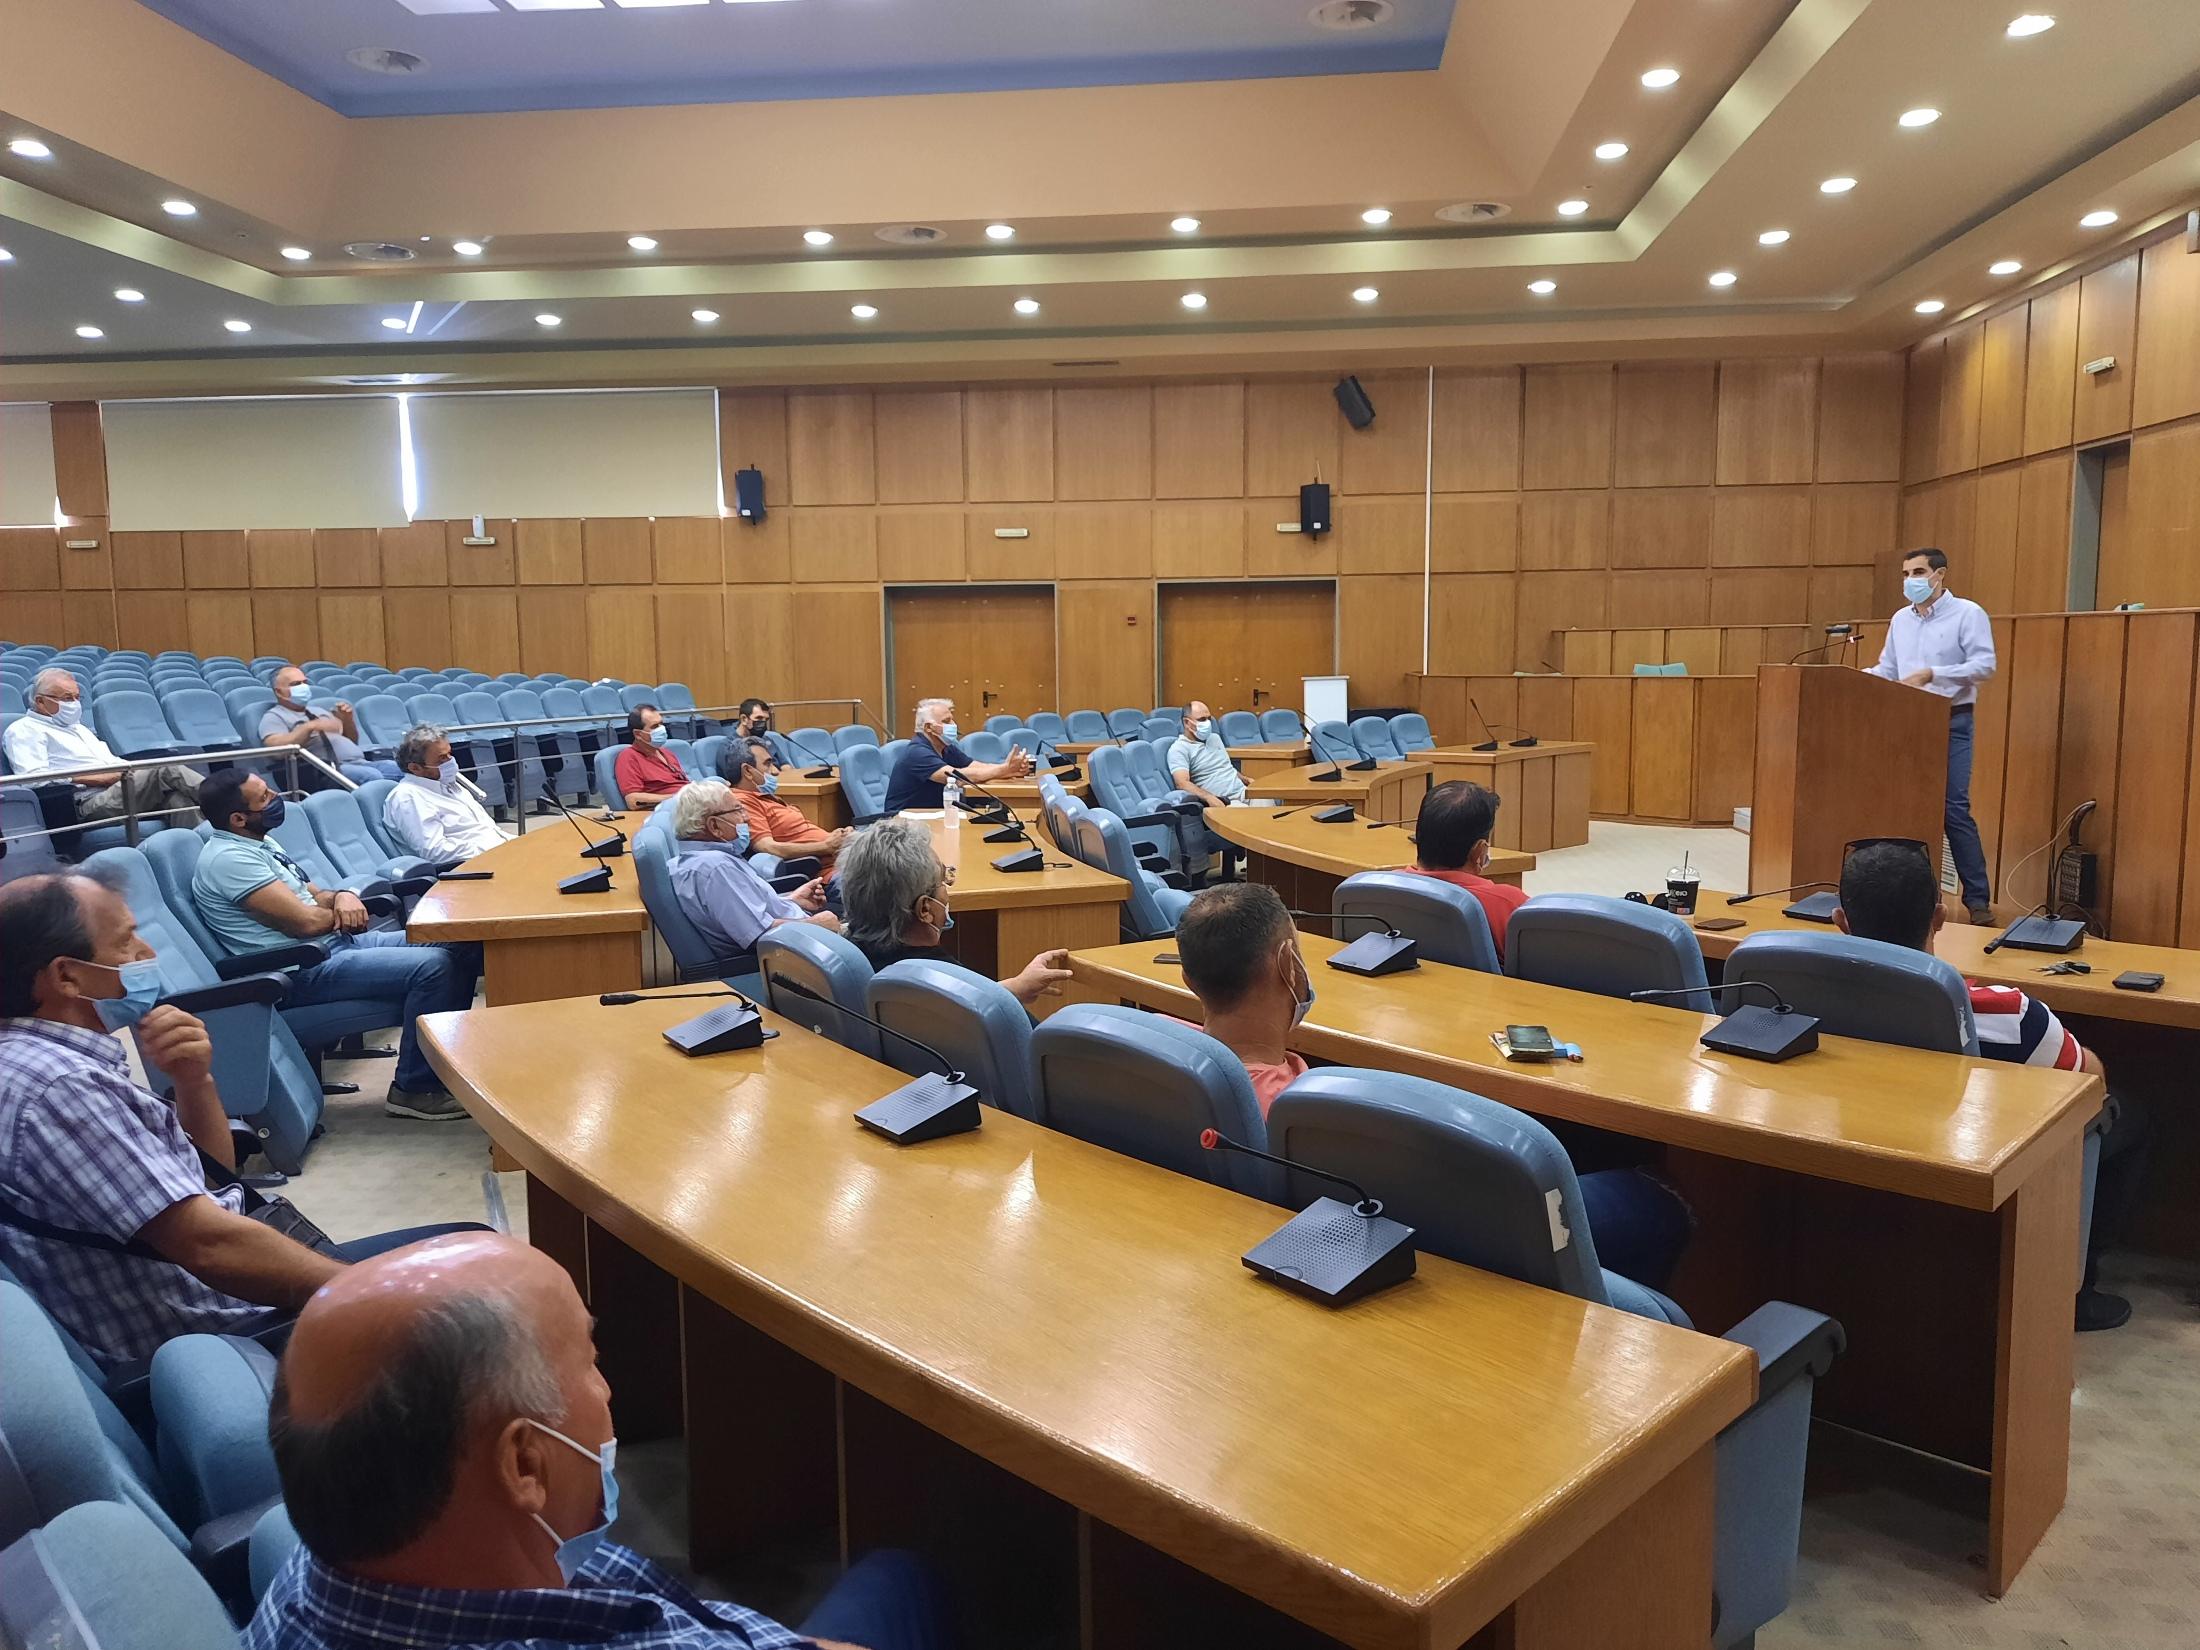 Συνάντηση Αντιπεριφερειάρχη Π.Ε Ηλείας Β. Γιαννόπουλου,  με προέδρους πυρόπληκτων Τοπικών Κοινοτήτων